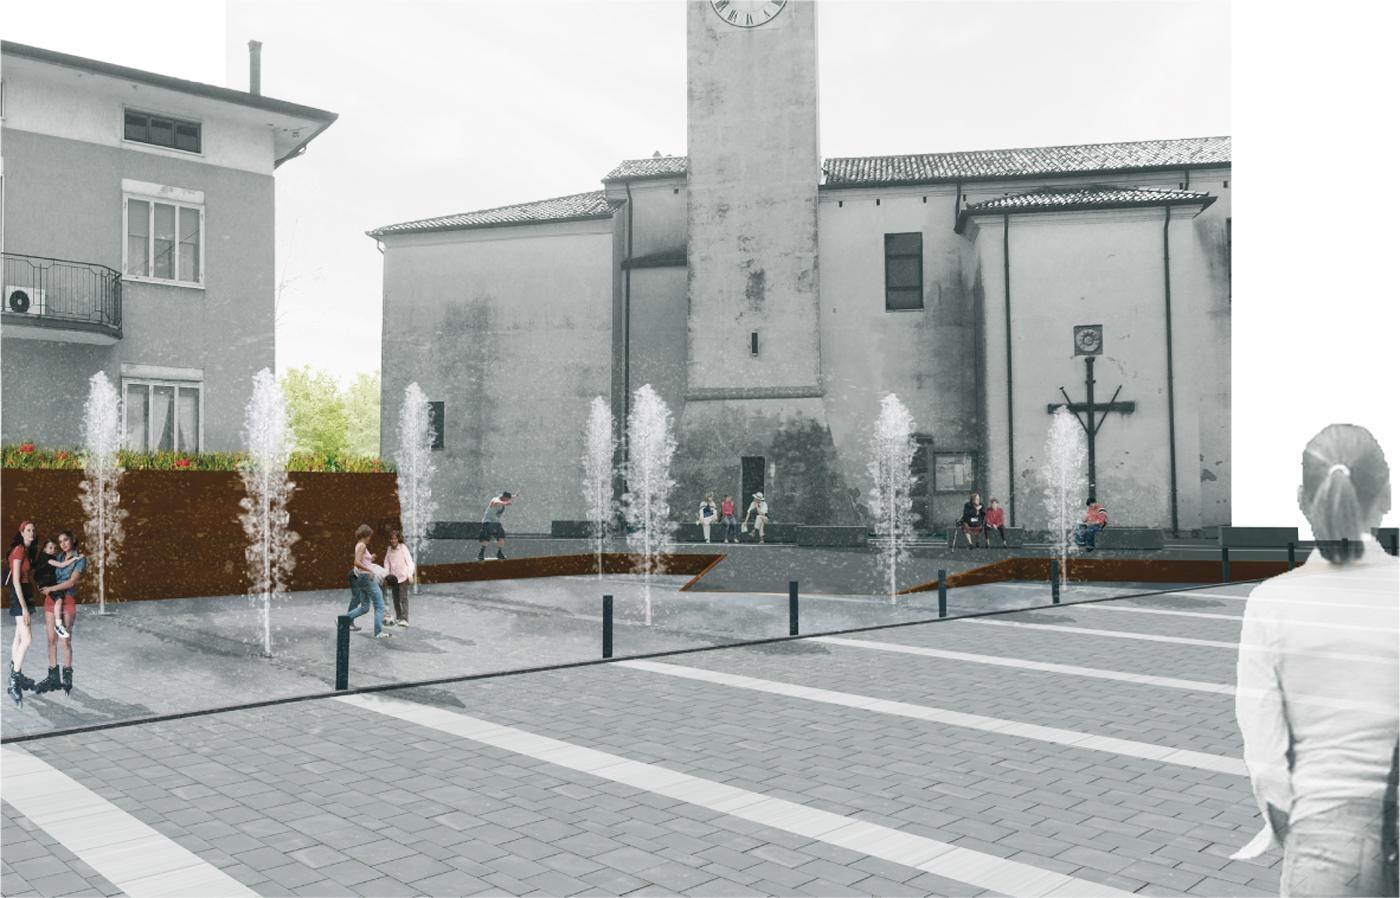 La nuova piazza di Asigliano Veneto, uno spazio pubblico tracciato dall'ombra a ricomporre i lembi sfrangiati del tessuto edilizio. Giochi d'acqua | Bottega di Architettura